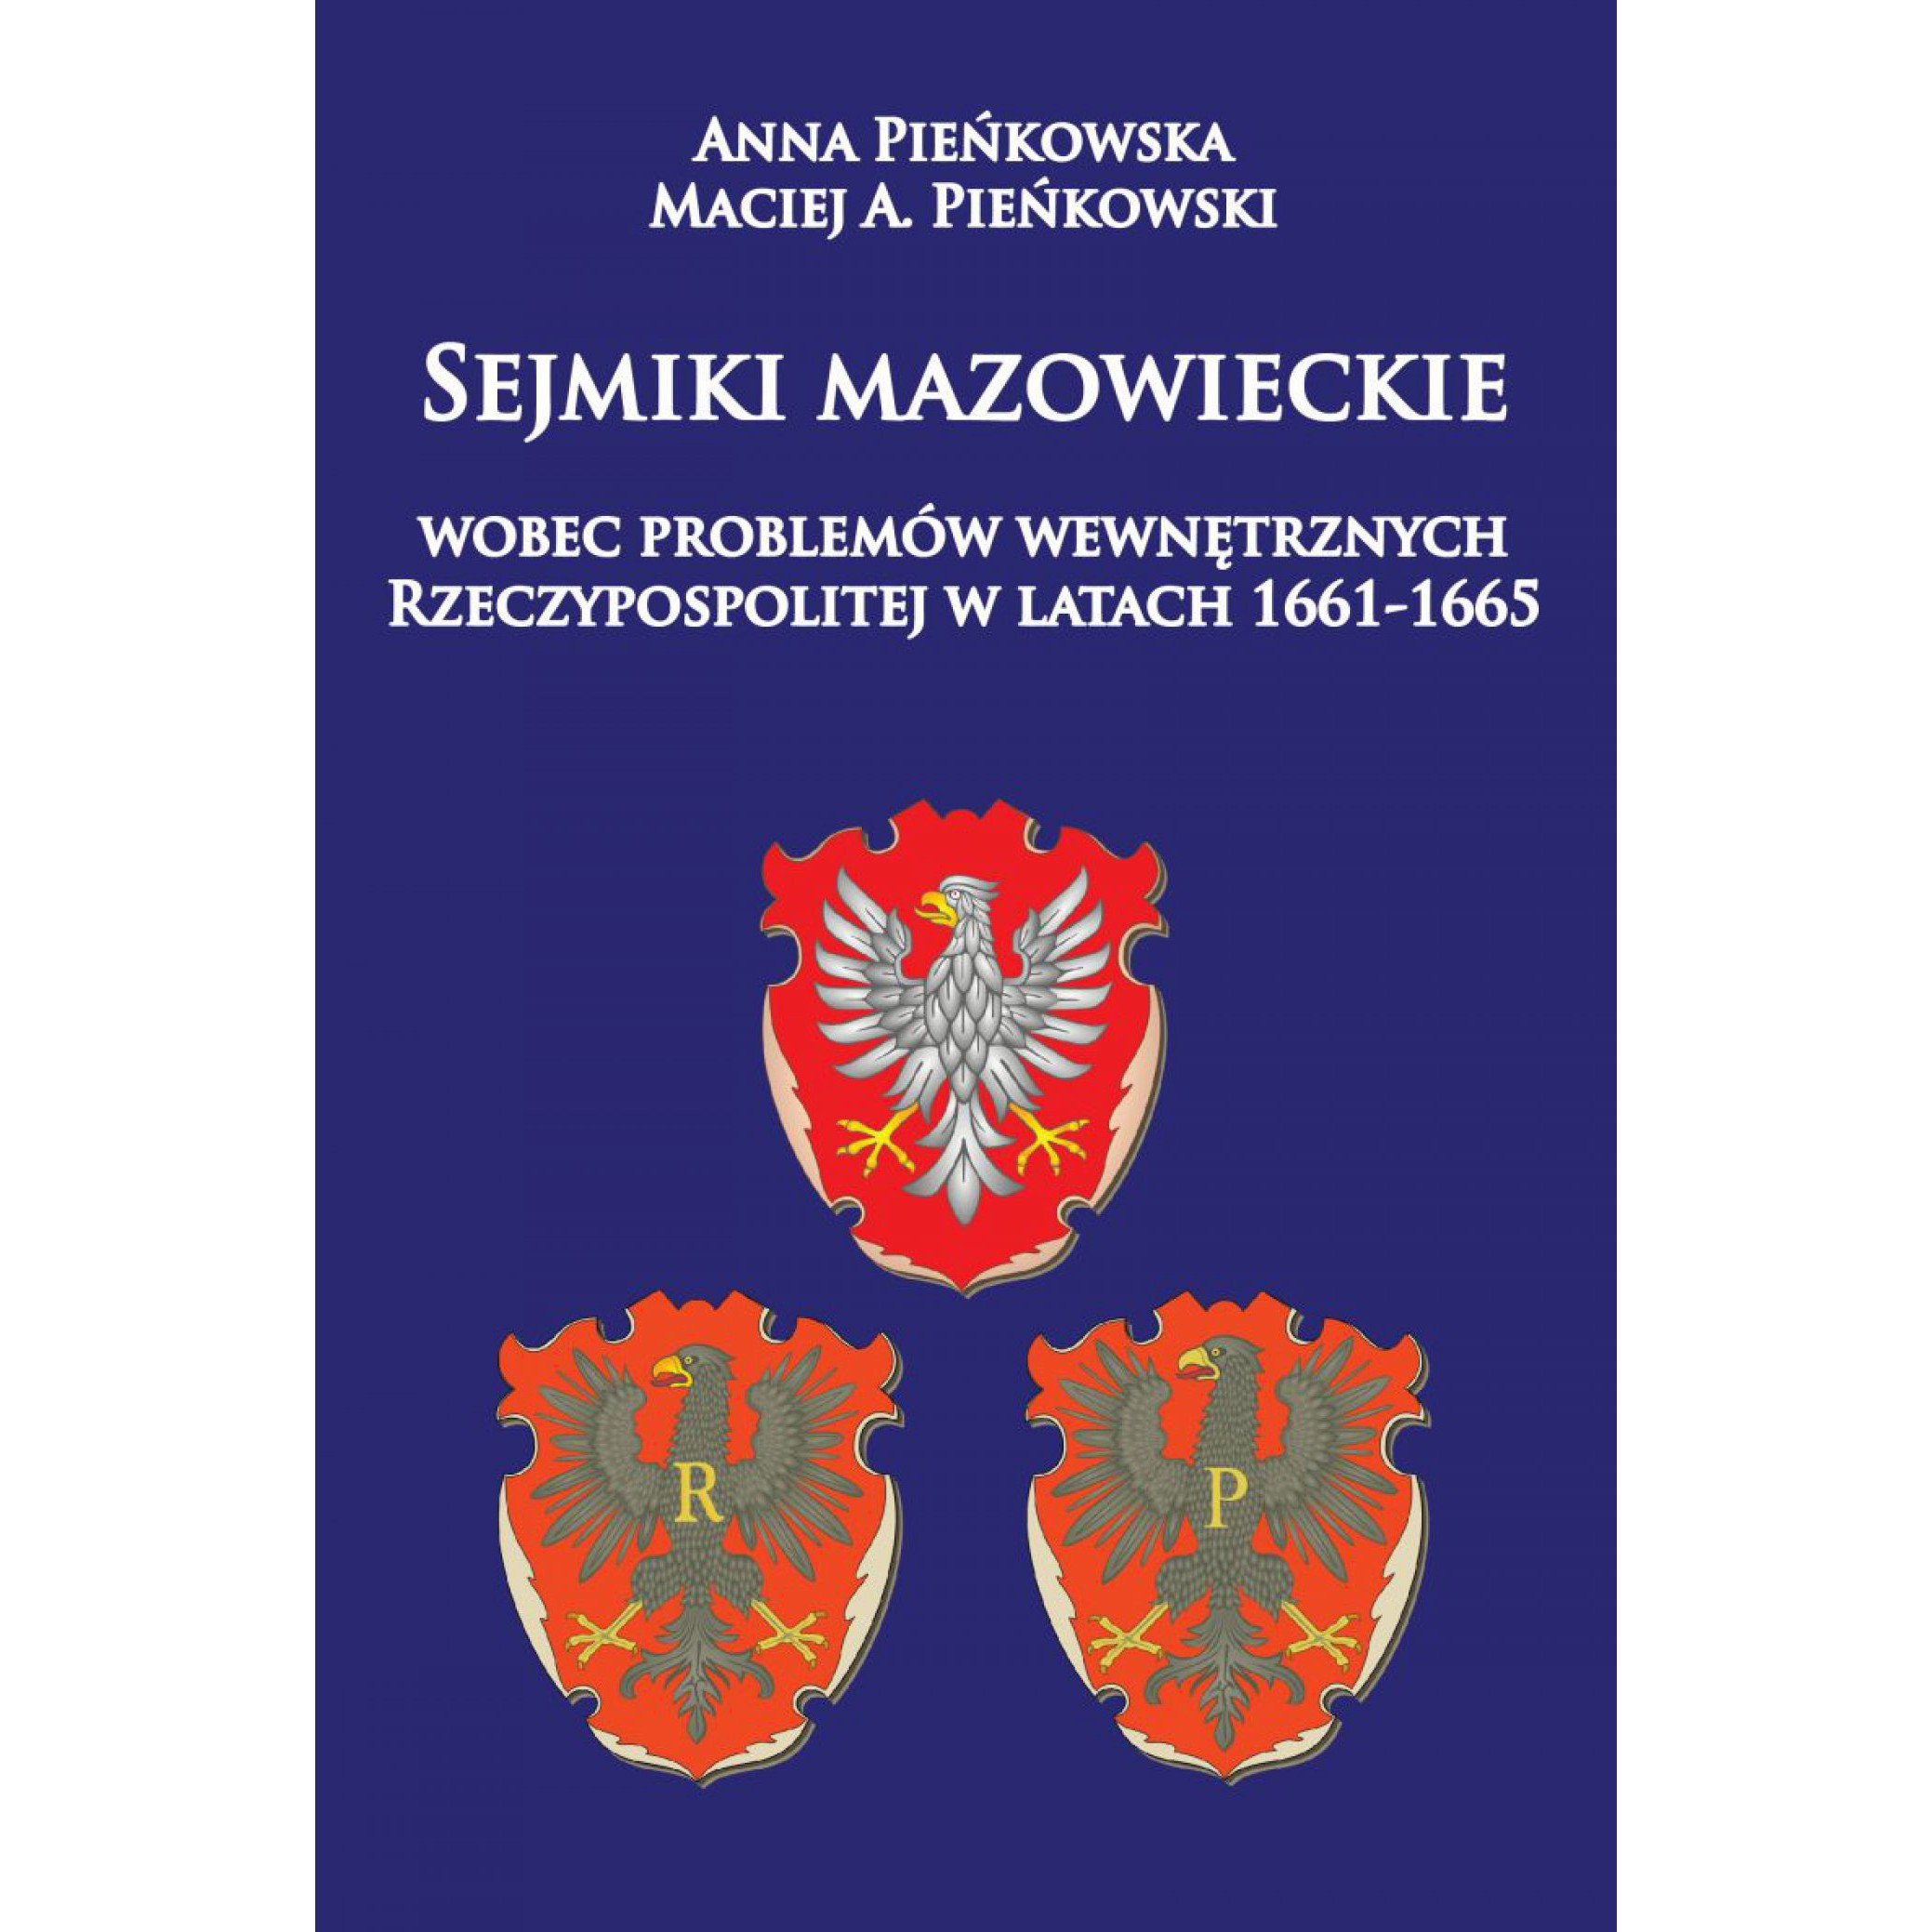 Sejmiki mazowieckie wobec problemów wewnętrznych Rzeczypospolitej w latach 1661-1665